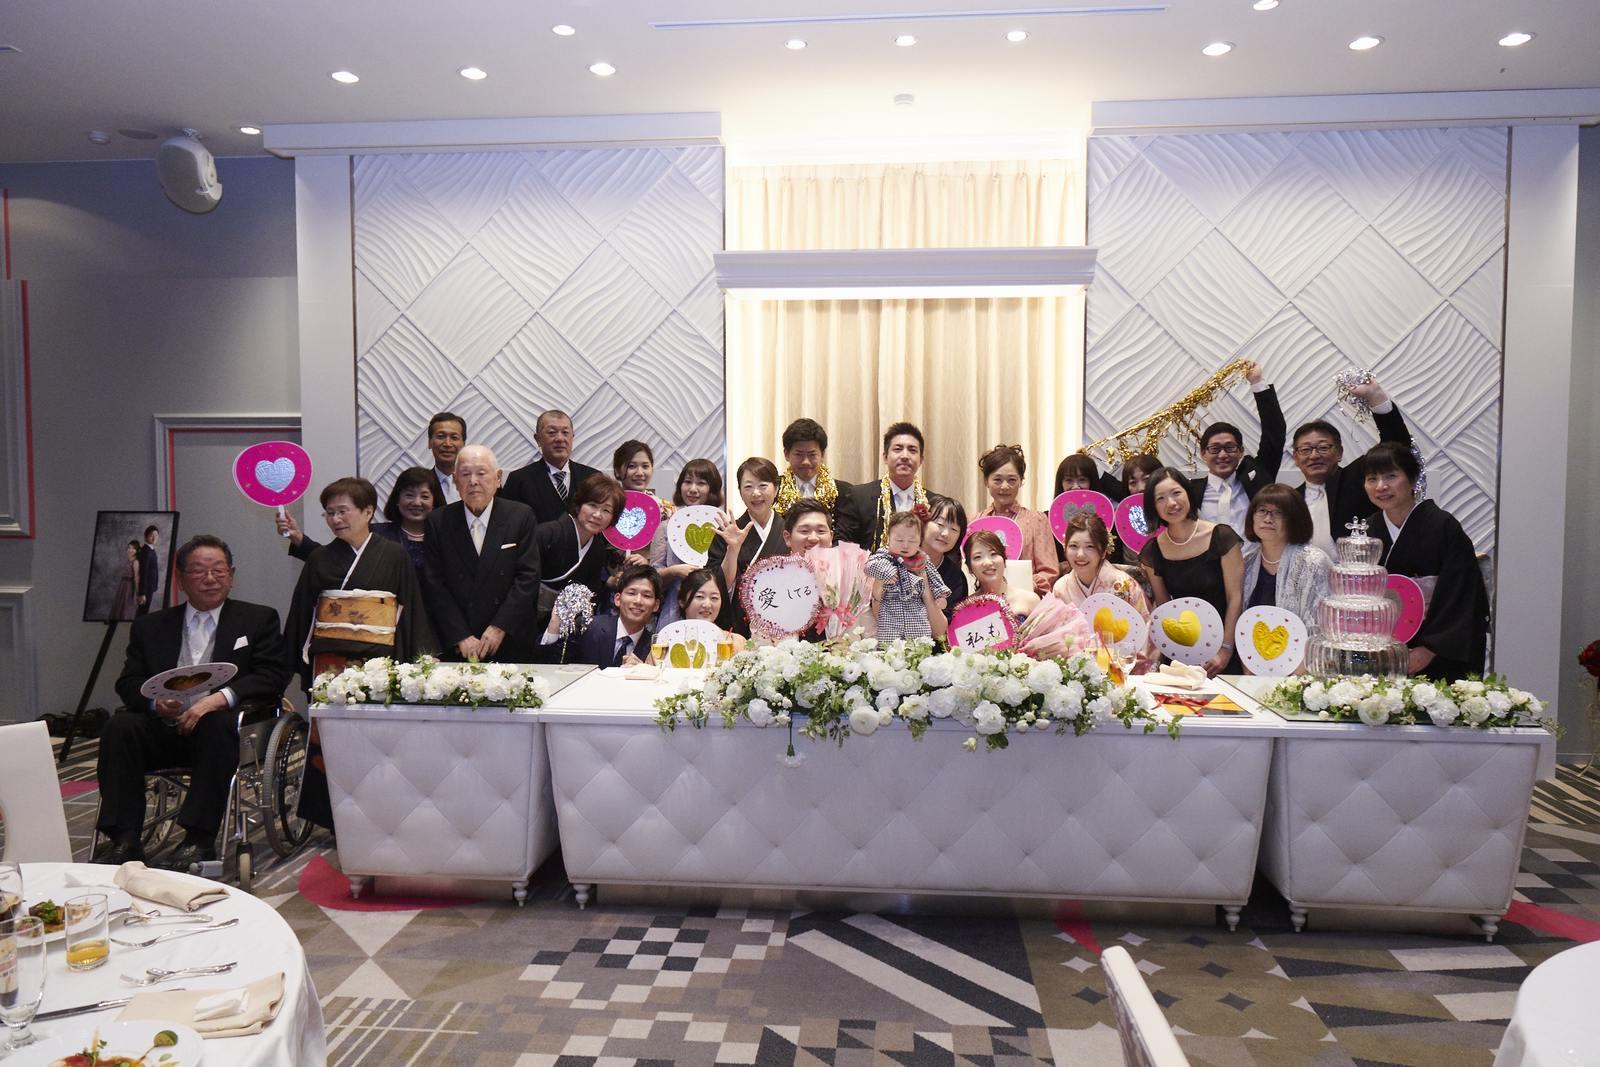 徳島市の結婚式場ブランアンジュでご親族とメインテーブルで楽しく記念写真